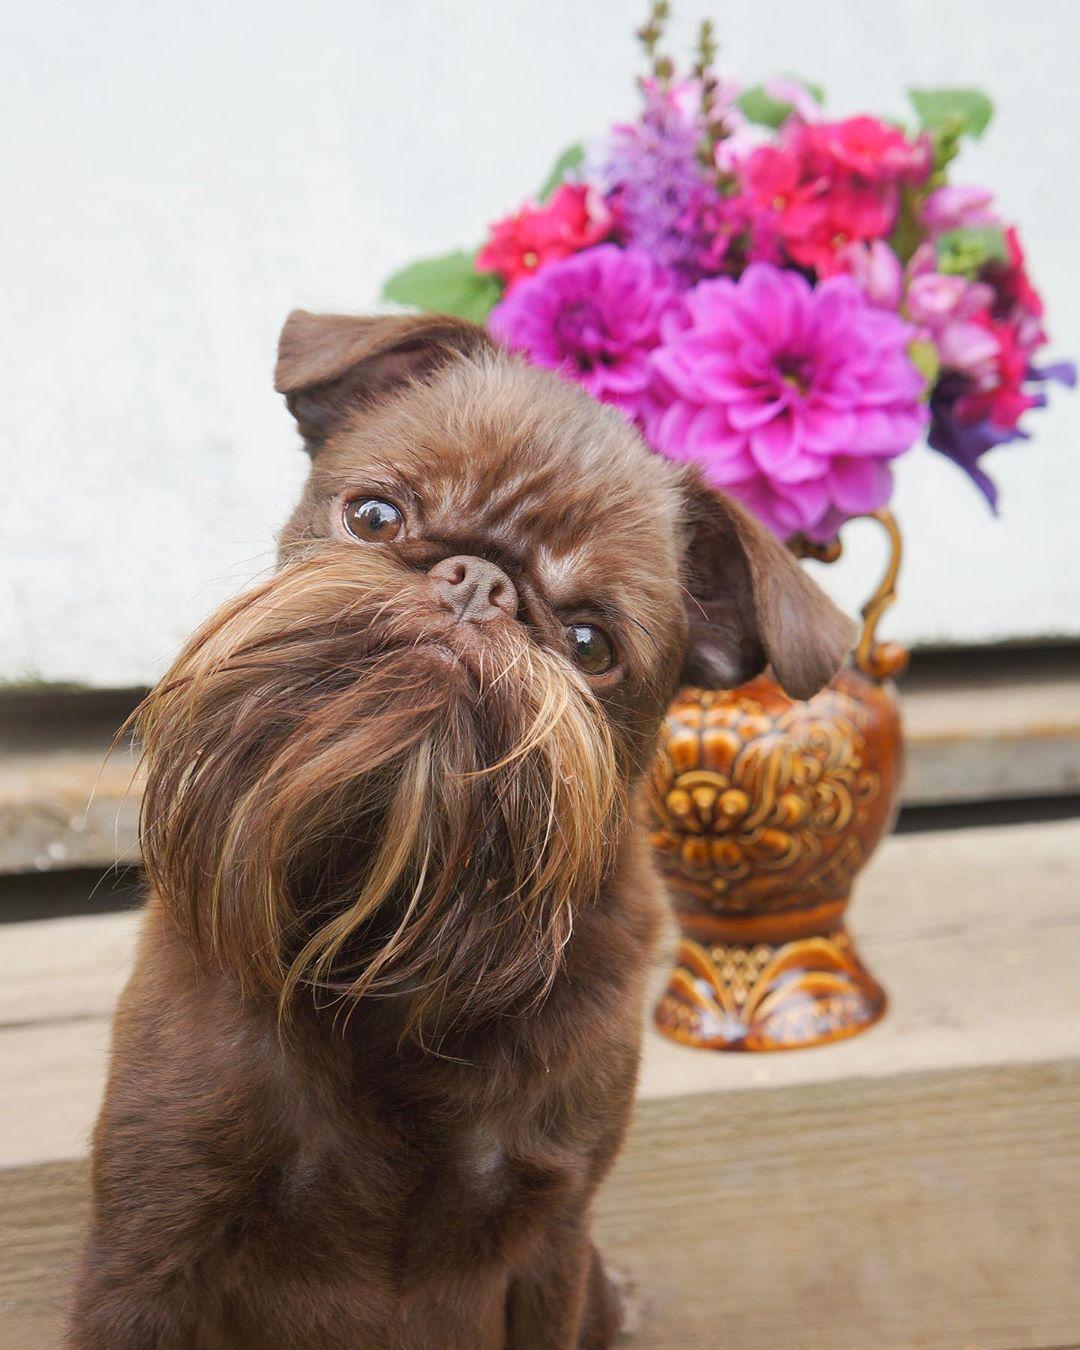 萌犬「撞臉丘巴卡」是星戰迷都愛 無辜眼配「大鬍子」反差萌超吸睛!